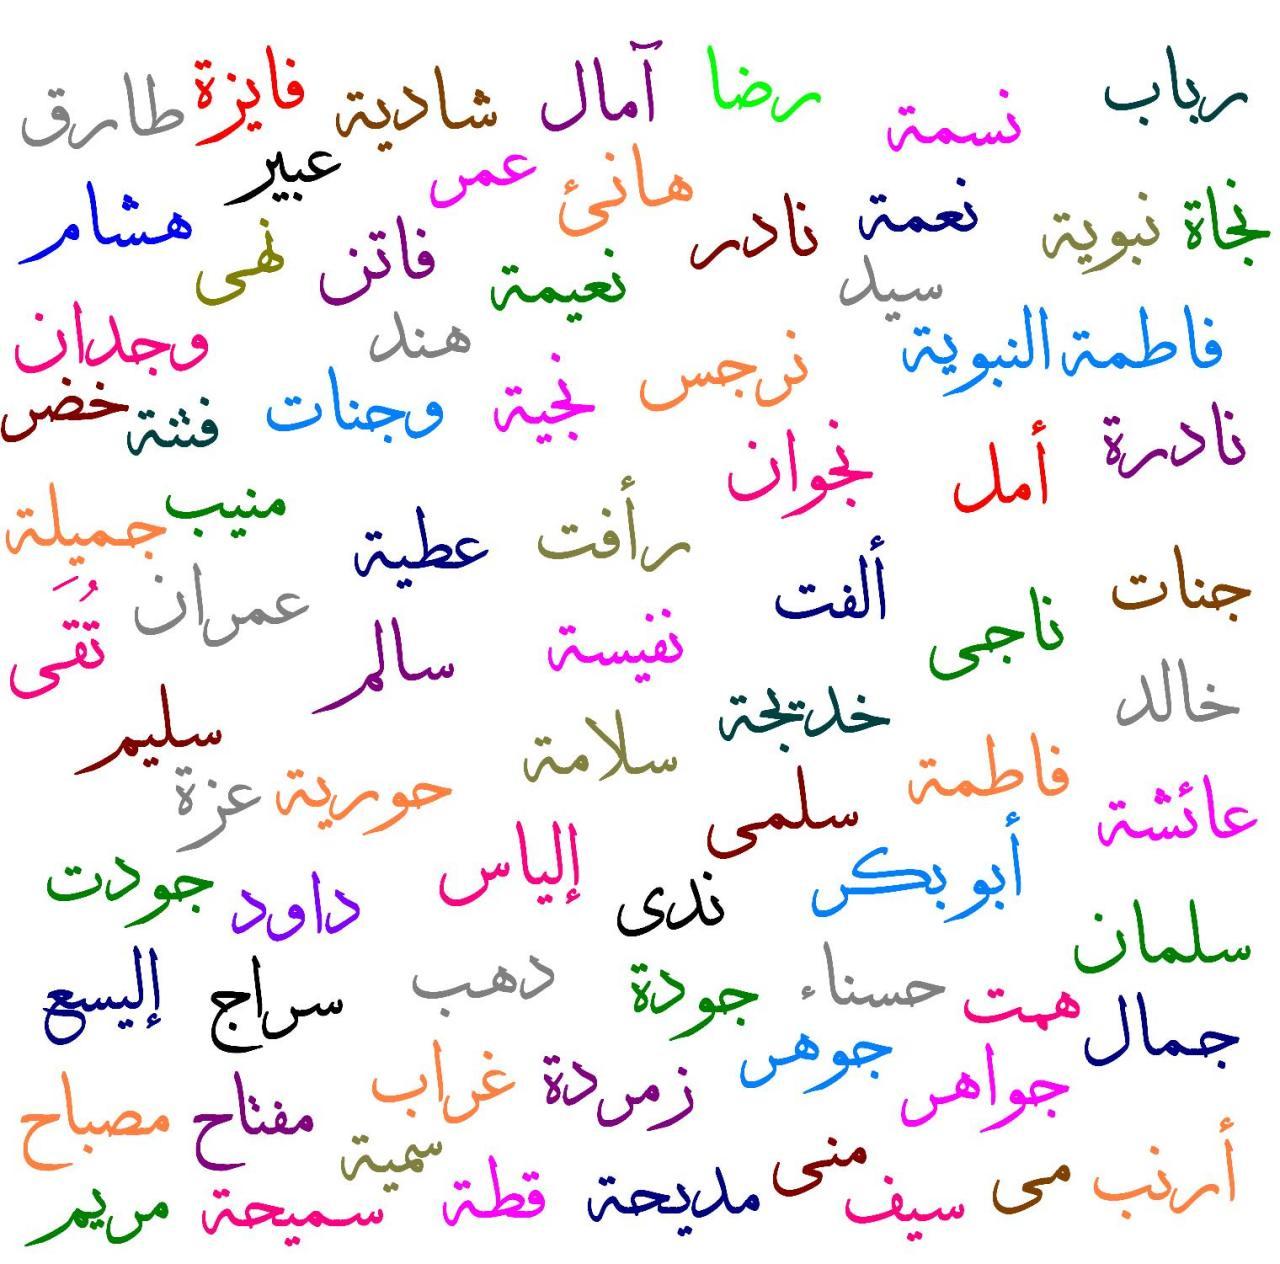 صورة اسماء بنات حلوة , اسماء جميله للبنات